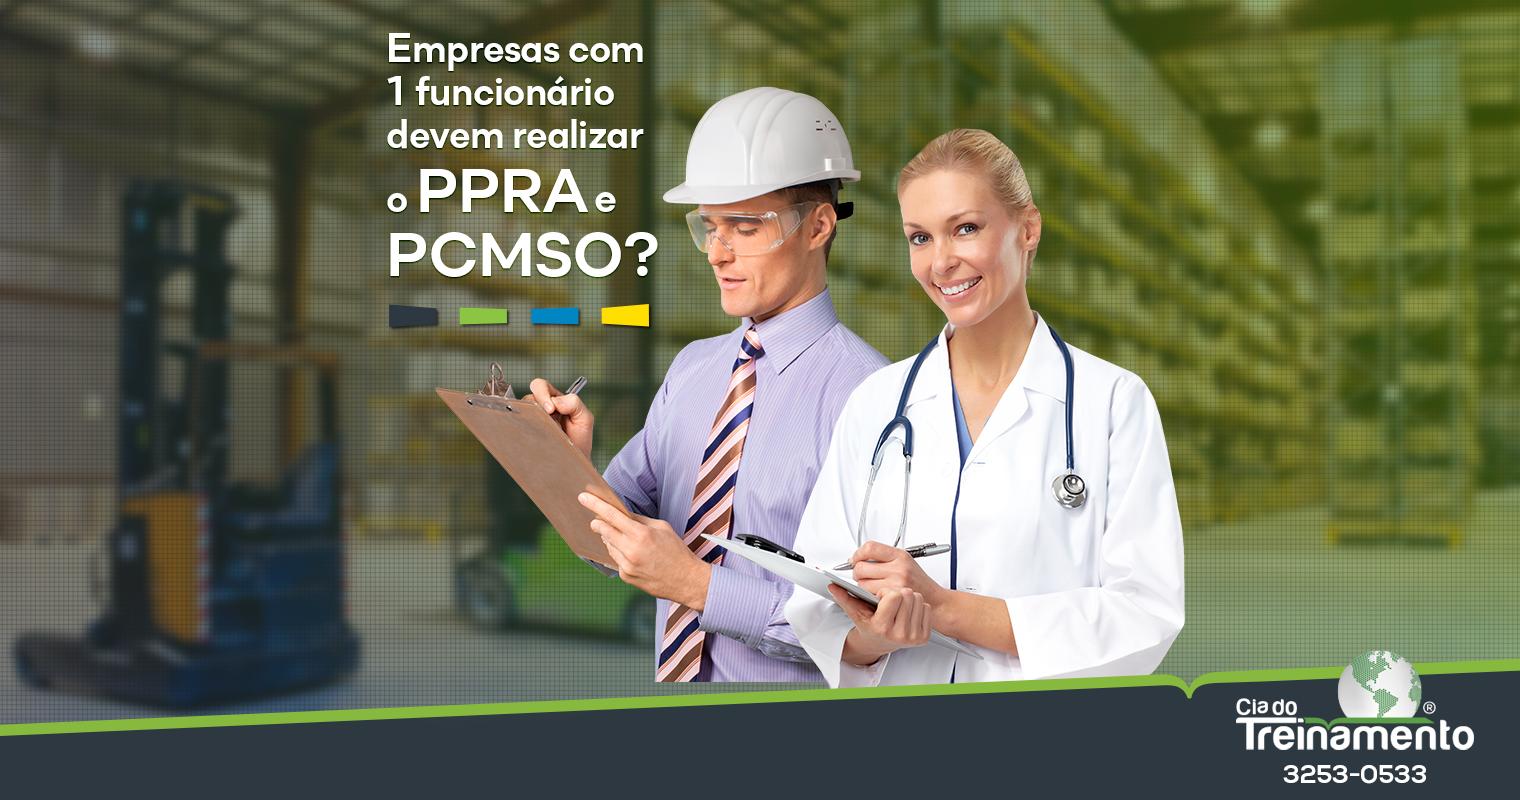 Empresas com apenas 1 funcionário devem realizar o PPRA e PCMSO?